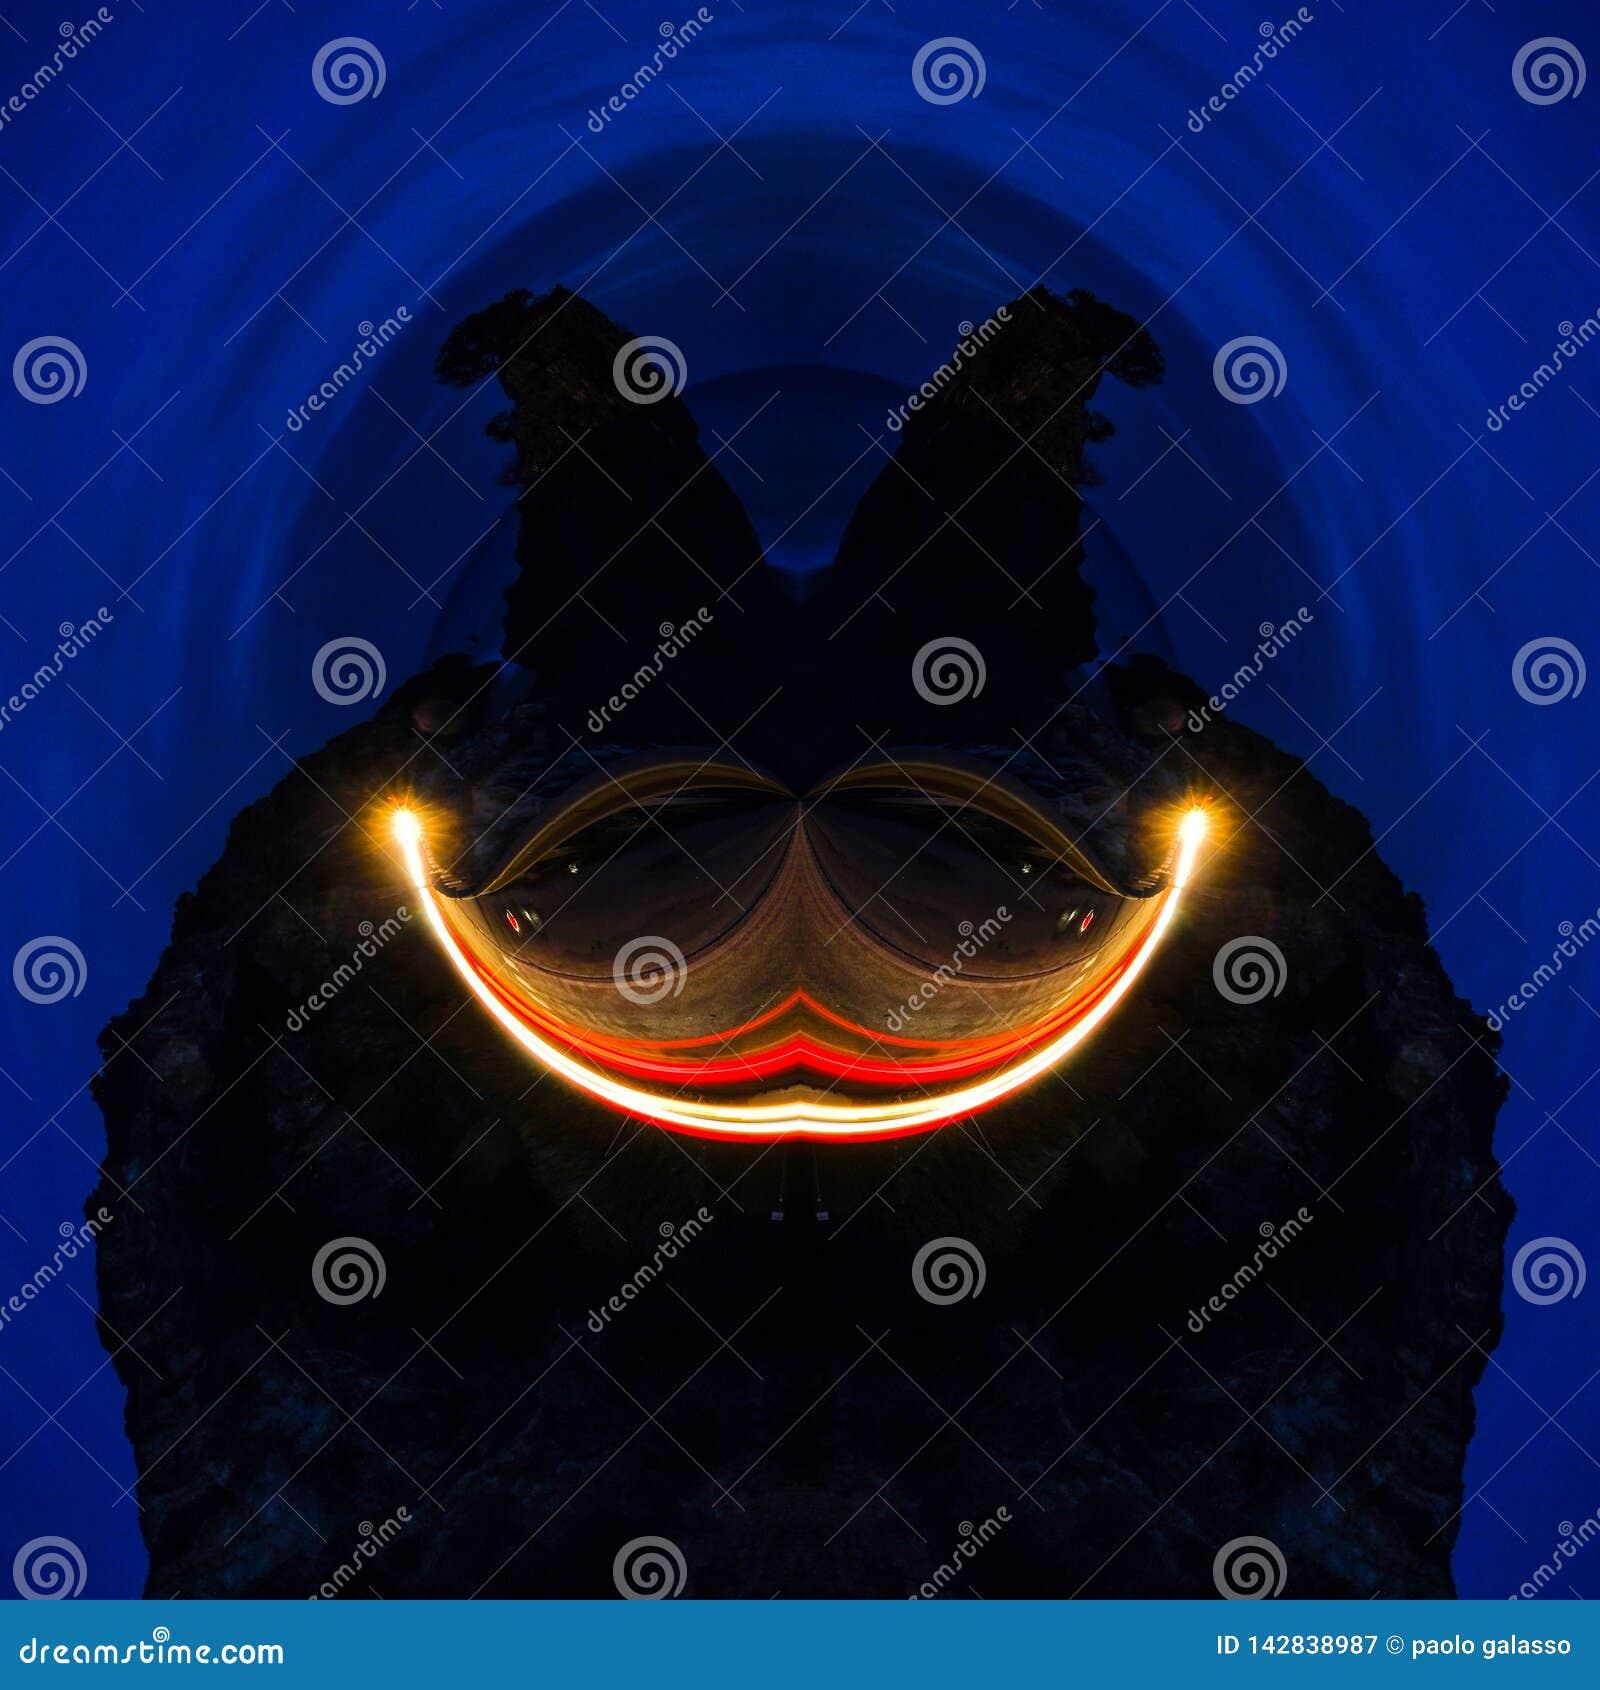 Abstraktes futuristisches ober Grafik des Gesichtslächelns grafisches tiefer blauer Hintergrund, dunkles Gesicht der Tapetenphant